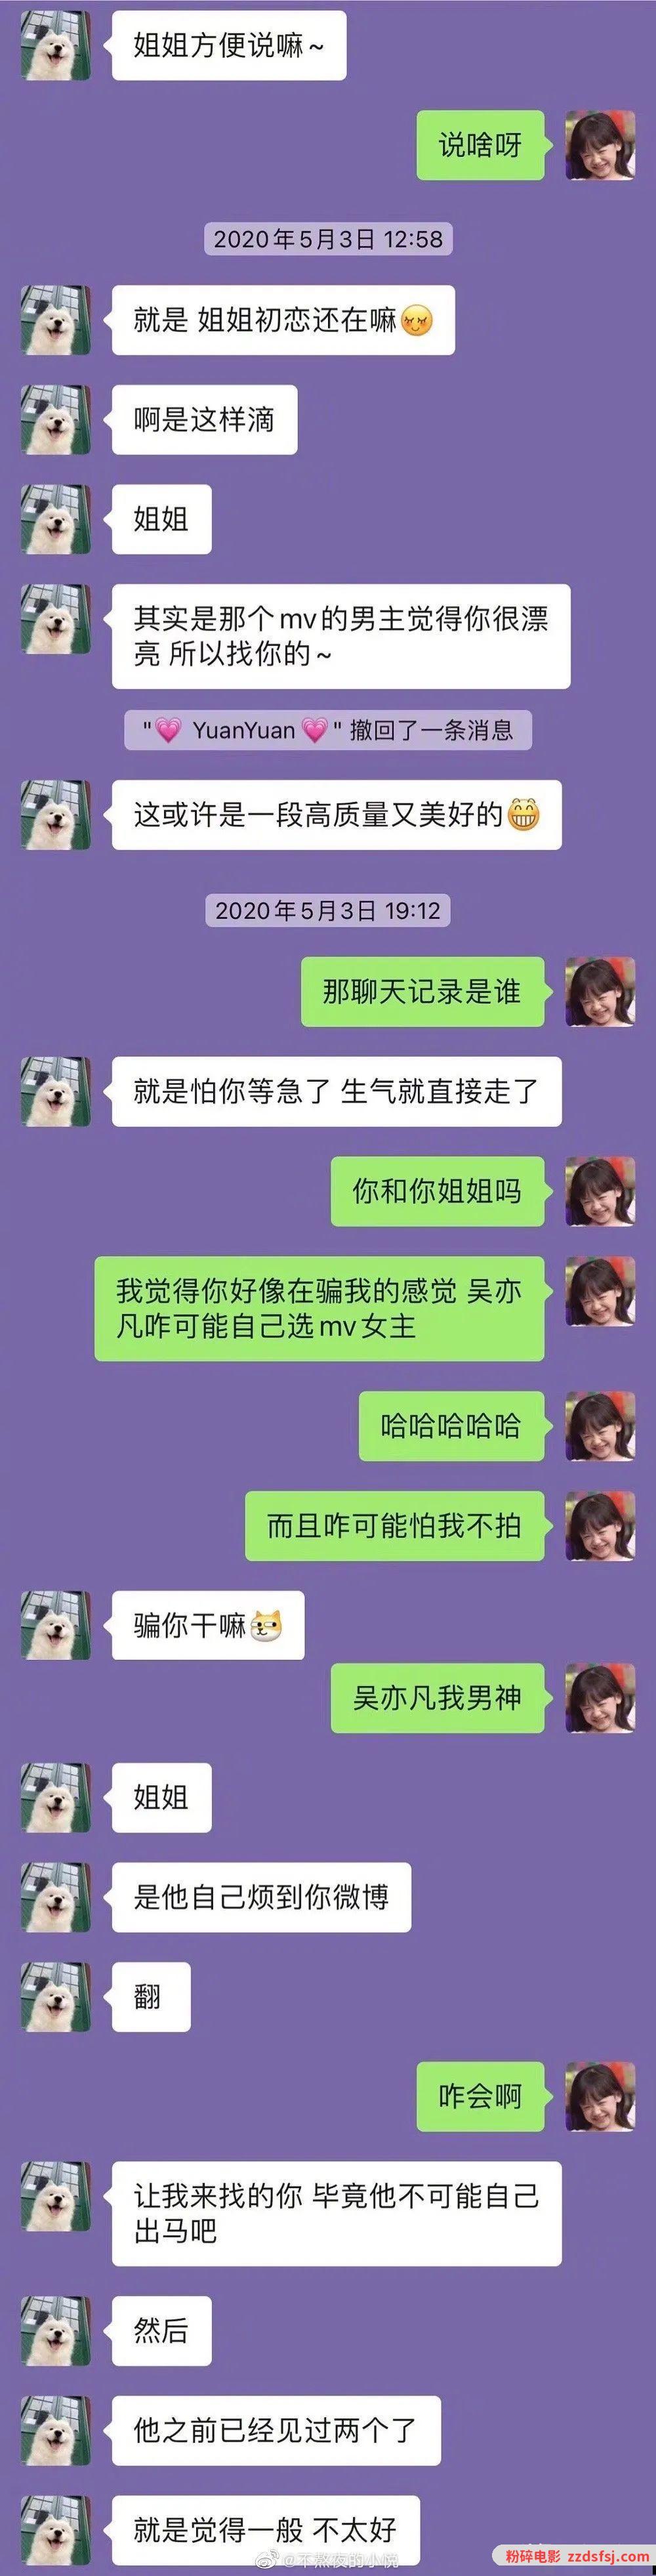 """吴亦凡的""""瓜"""",警方该出手了"""